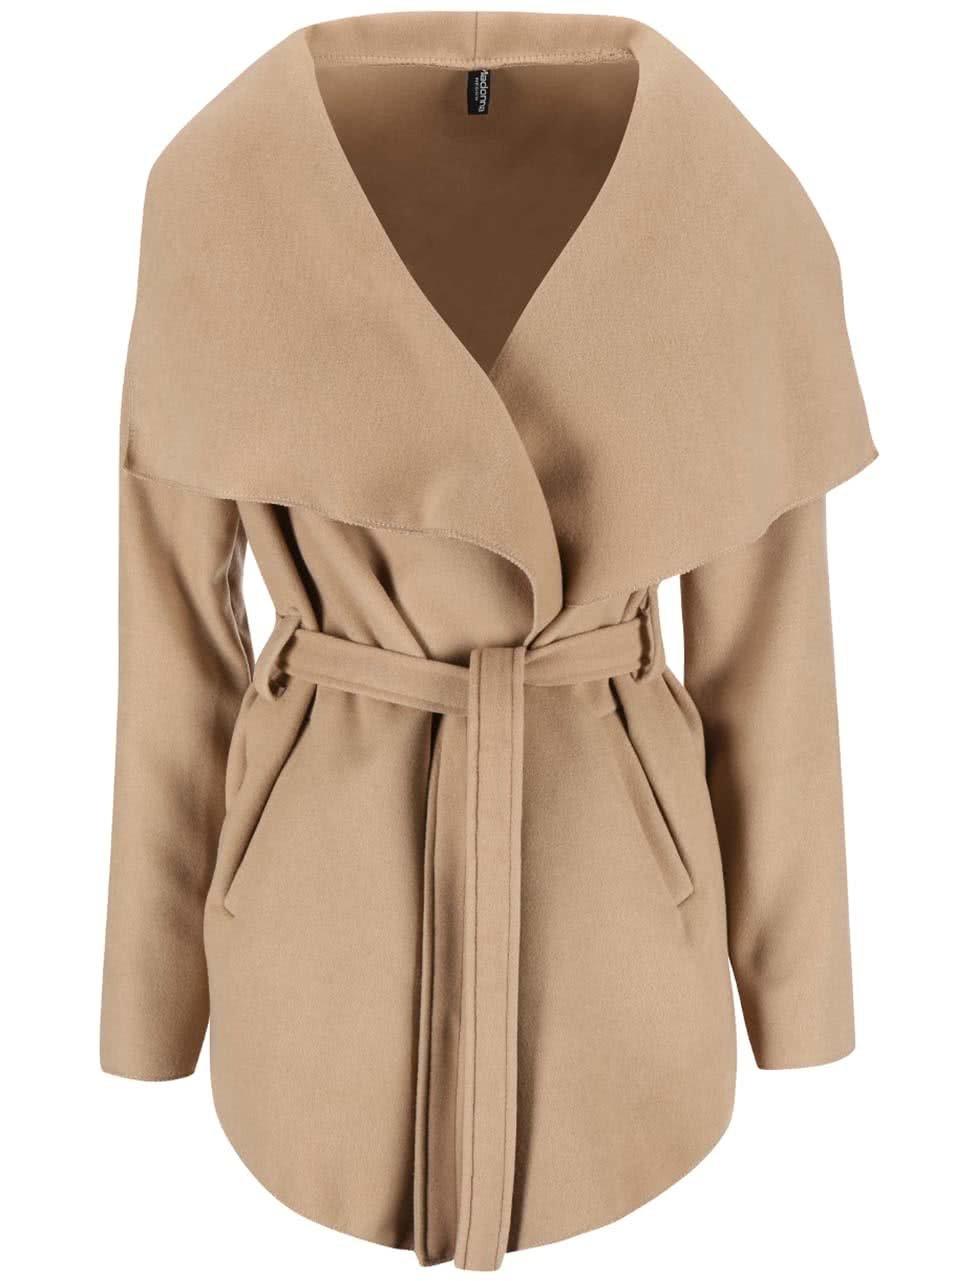 Světle hnědý dámský kabát Madonna Dobra ... 28c0382dda3